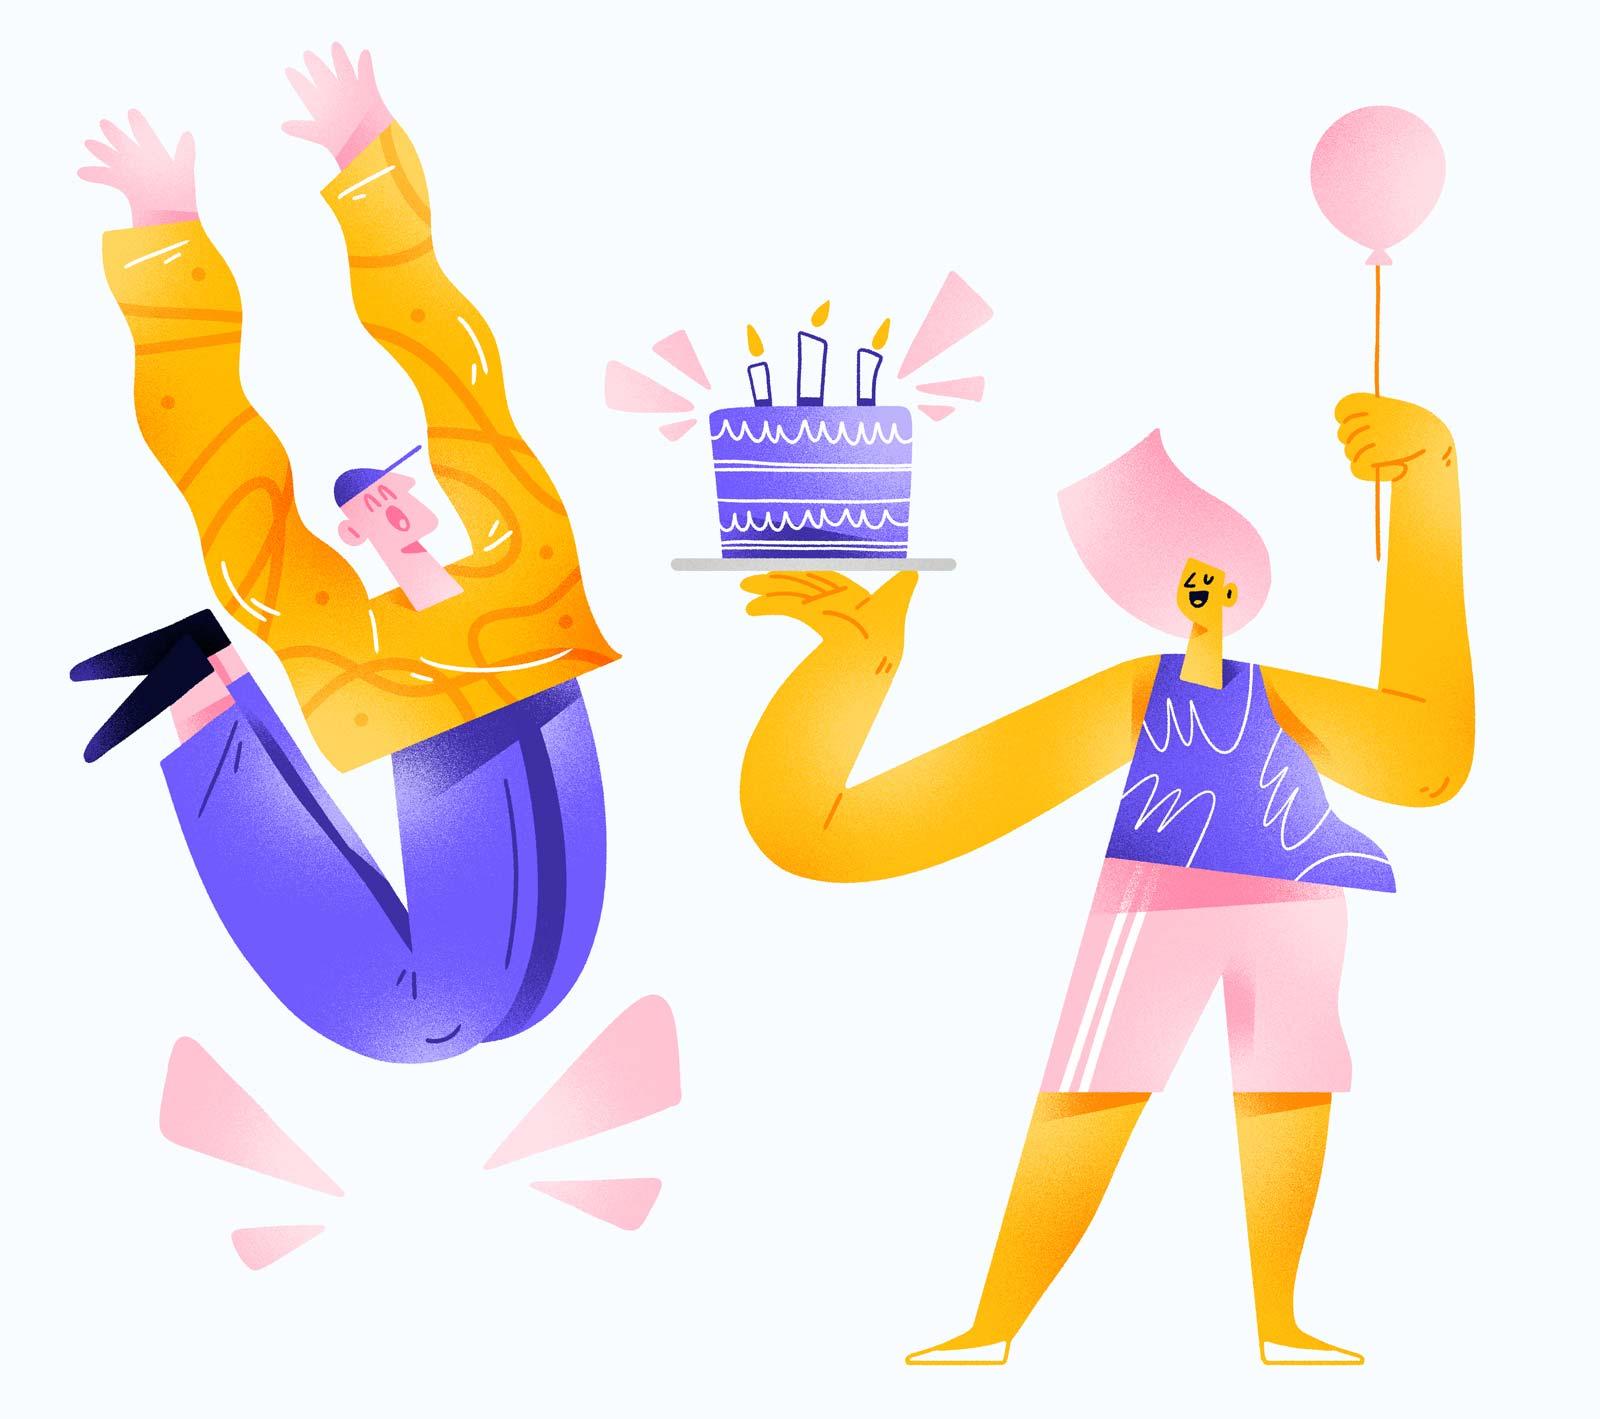 Zestful Perks - Birthdays and Anniversaries